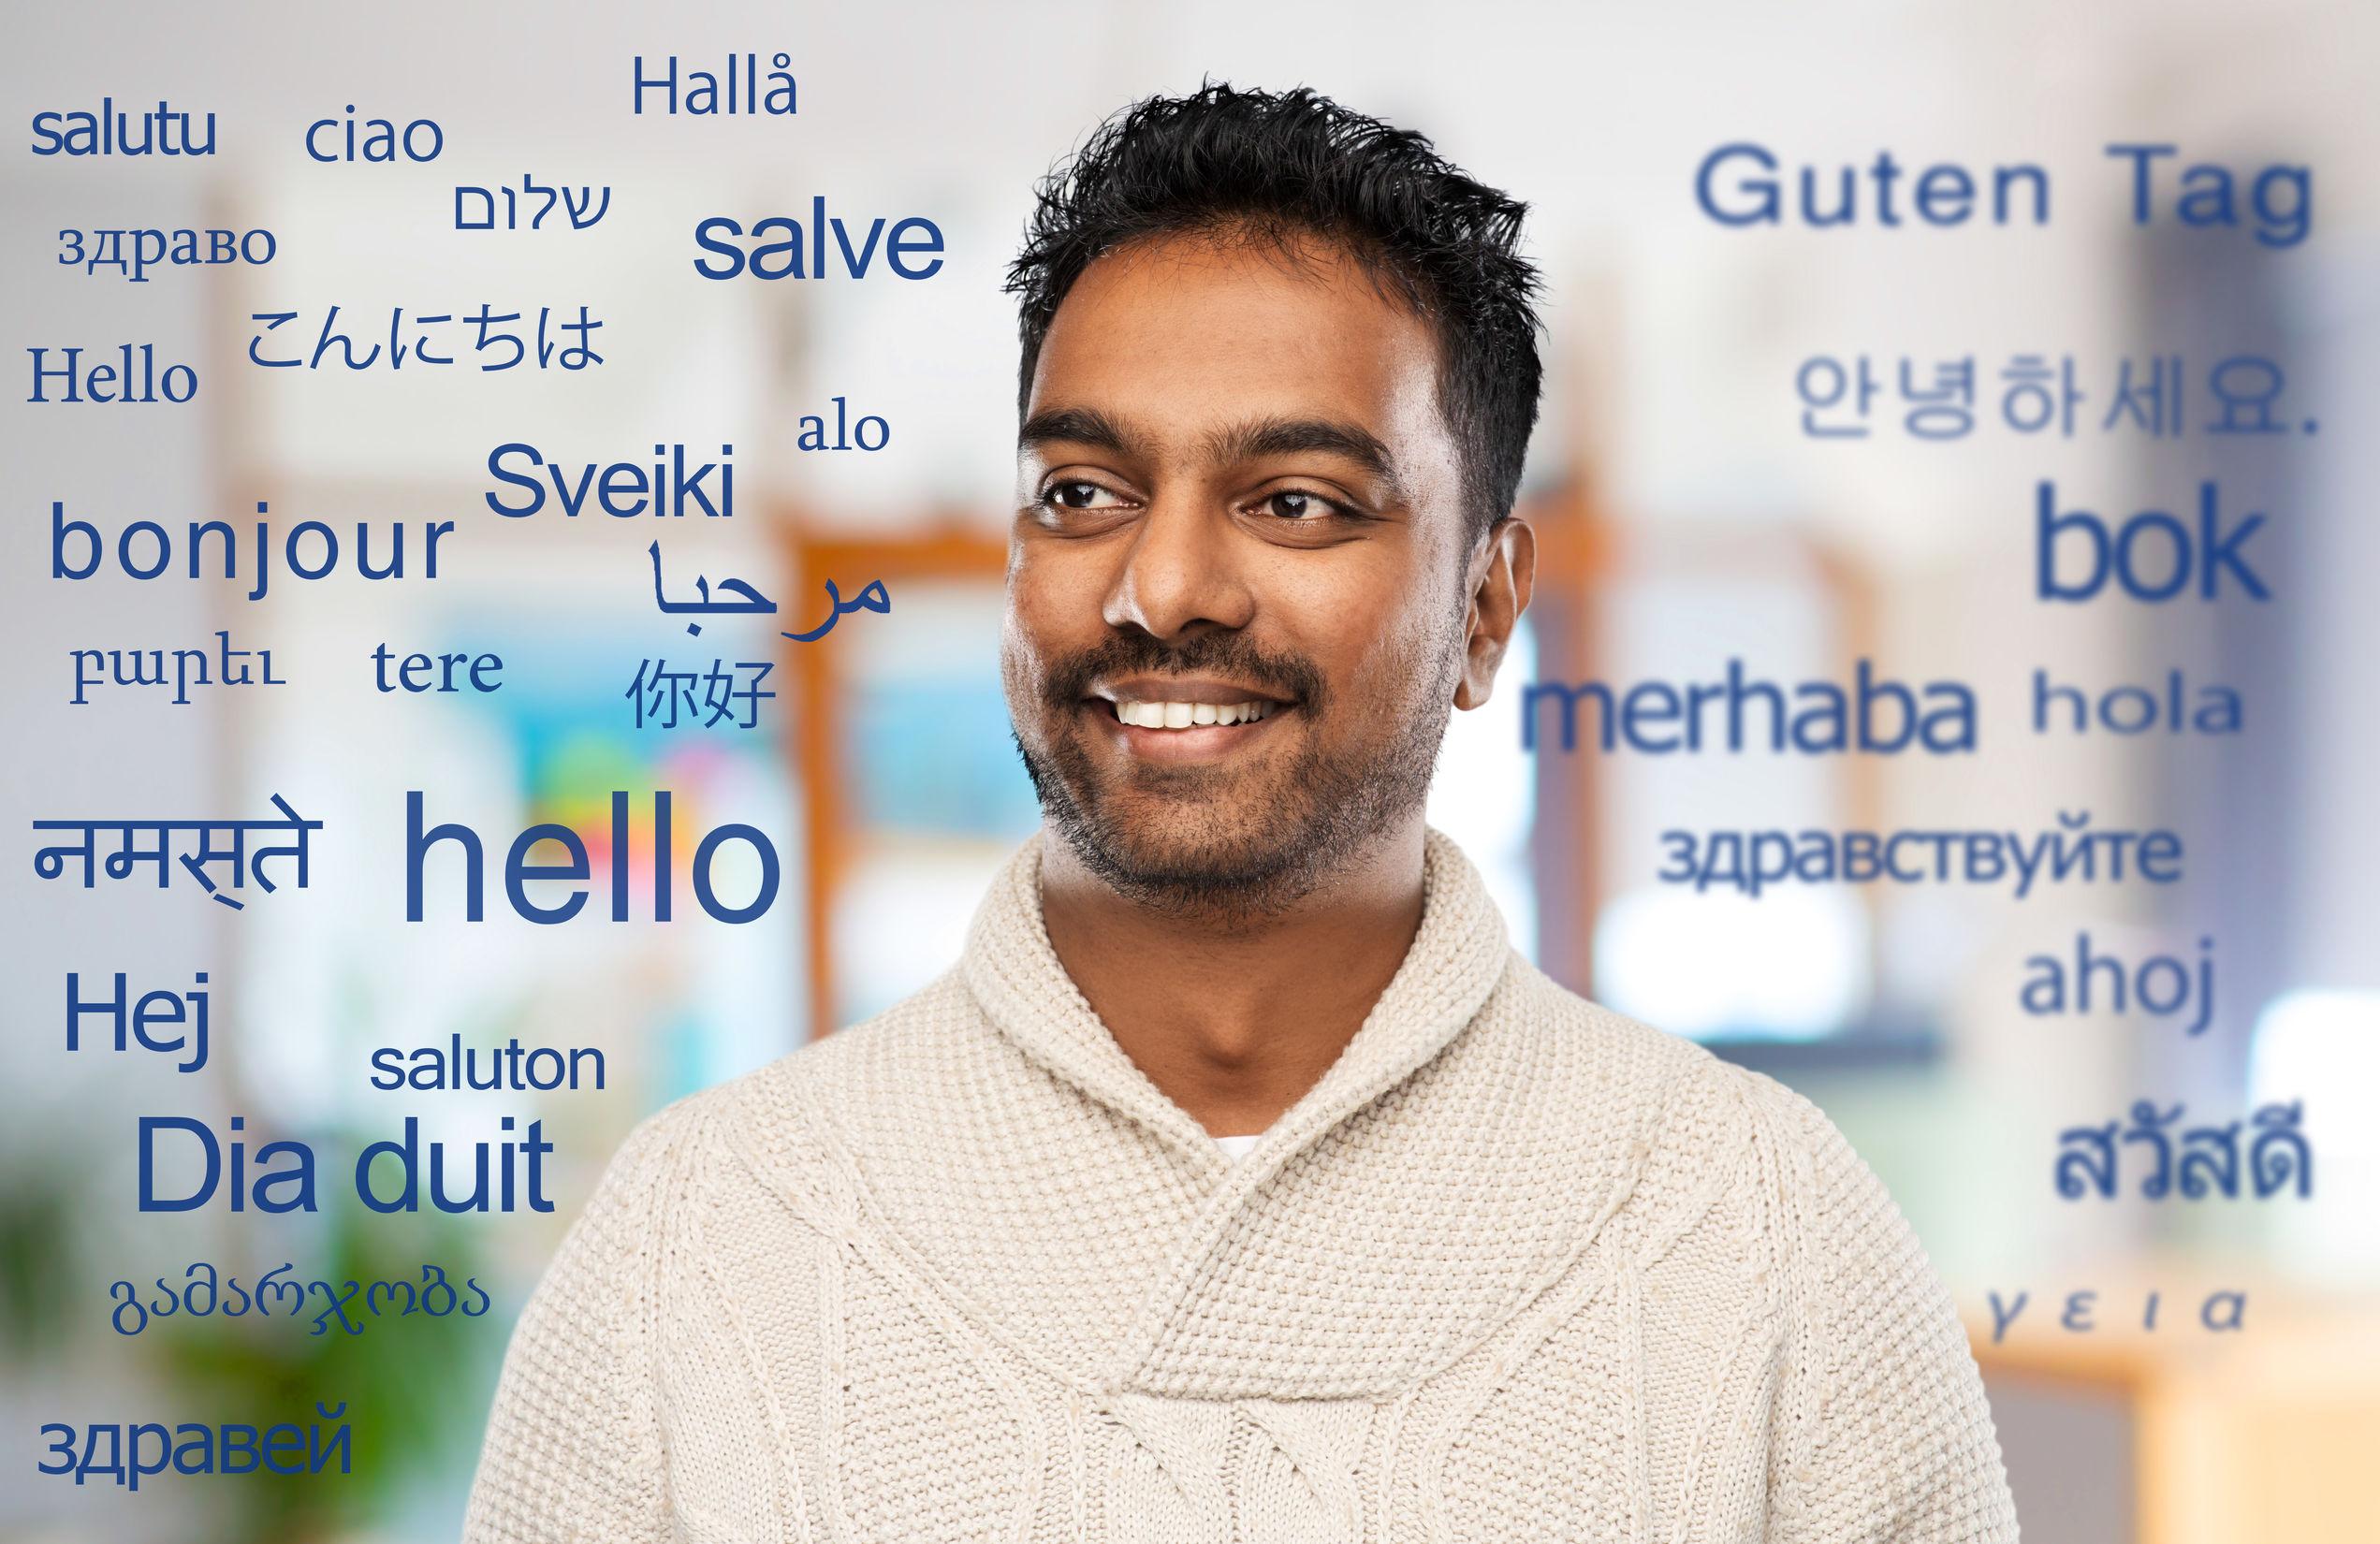 Uomo circondato da parole in tutte le lingue